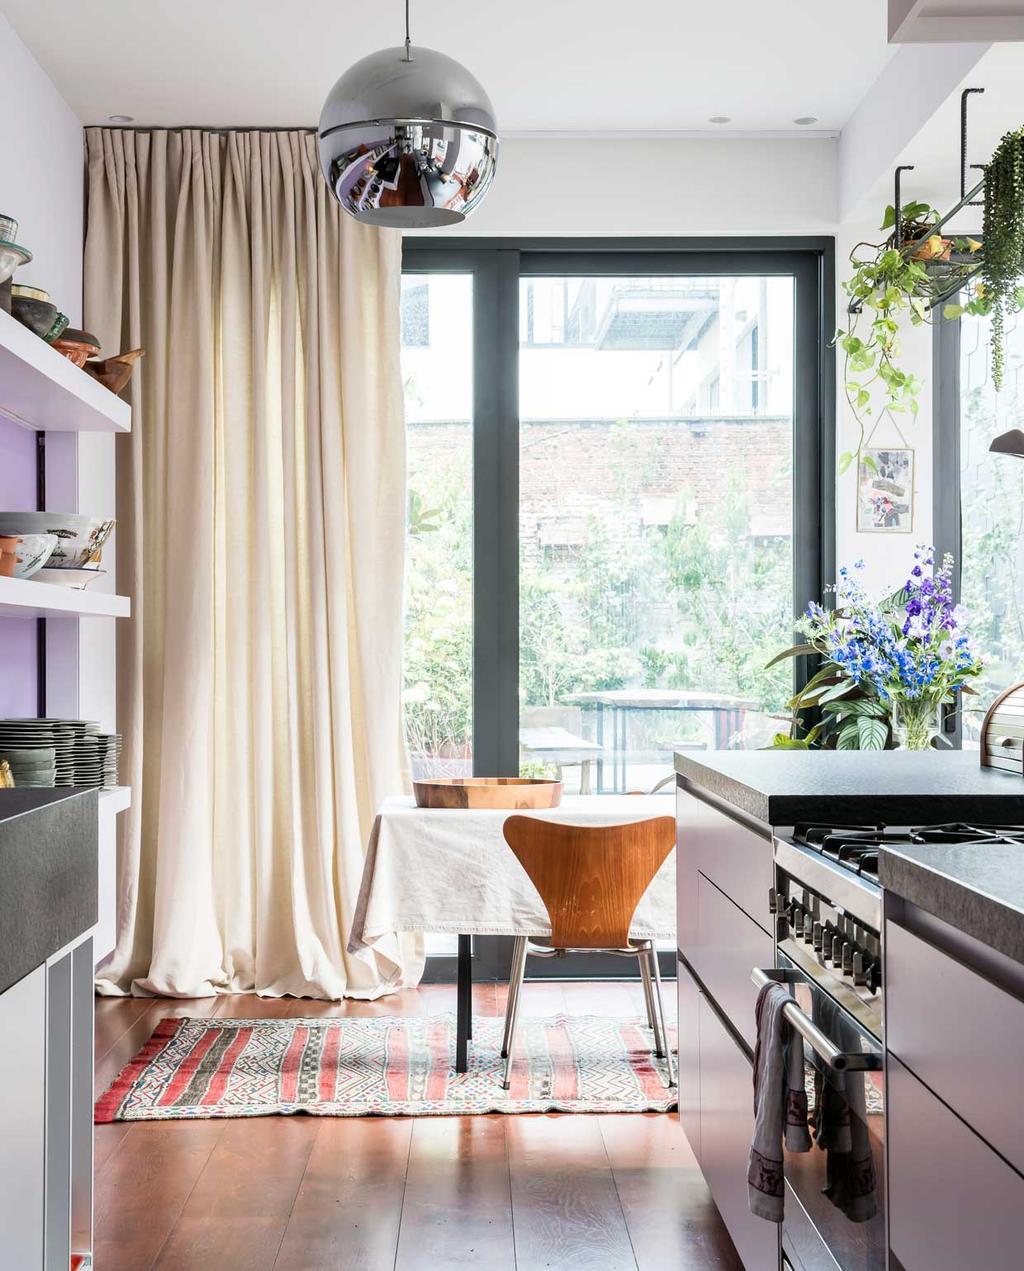 vtwonen 10-2020 | binnenkijken| kijkkamer | Antwerpen| keuken met eettafel en vlinderstoel